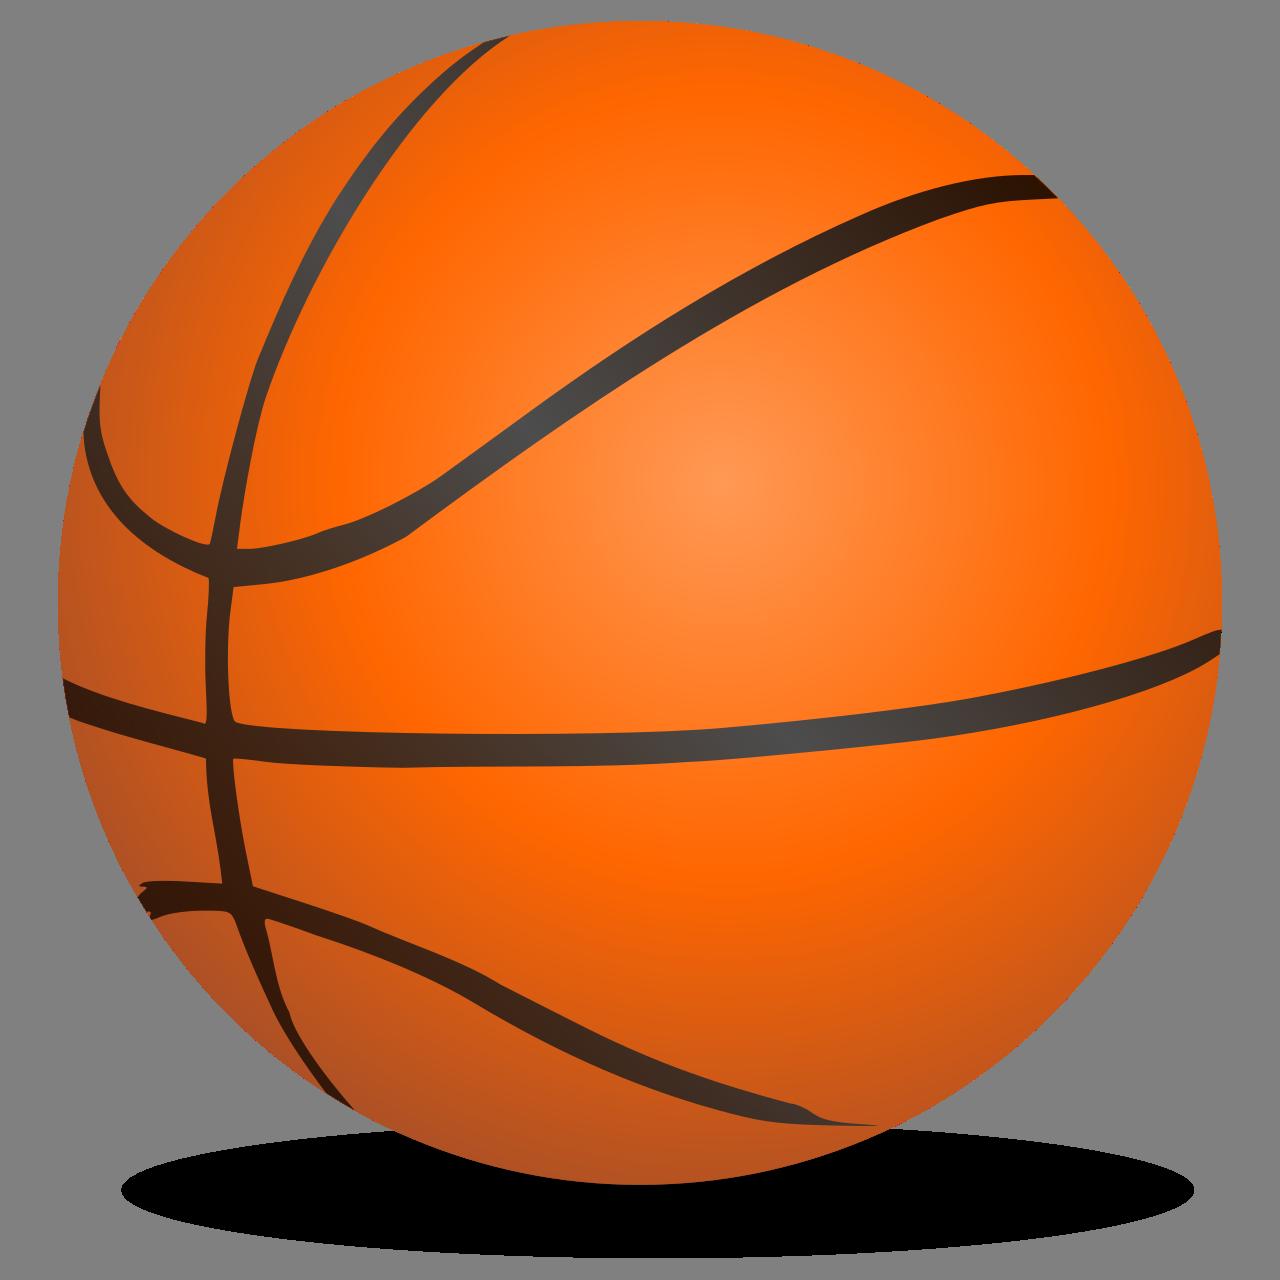 Obrazek Klipart Basketbalovy Mic Zdarma Ke Stazeni V Rozliseni